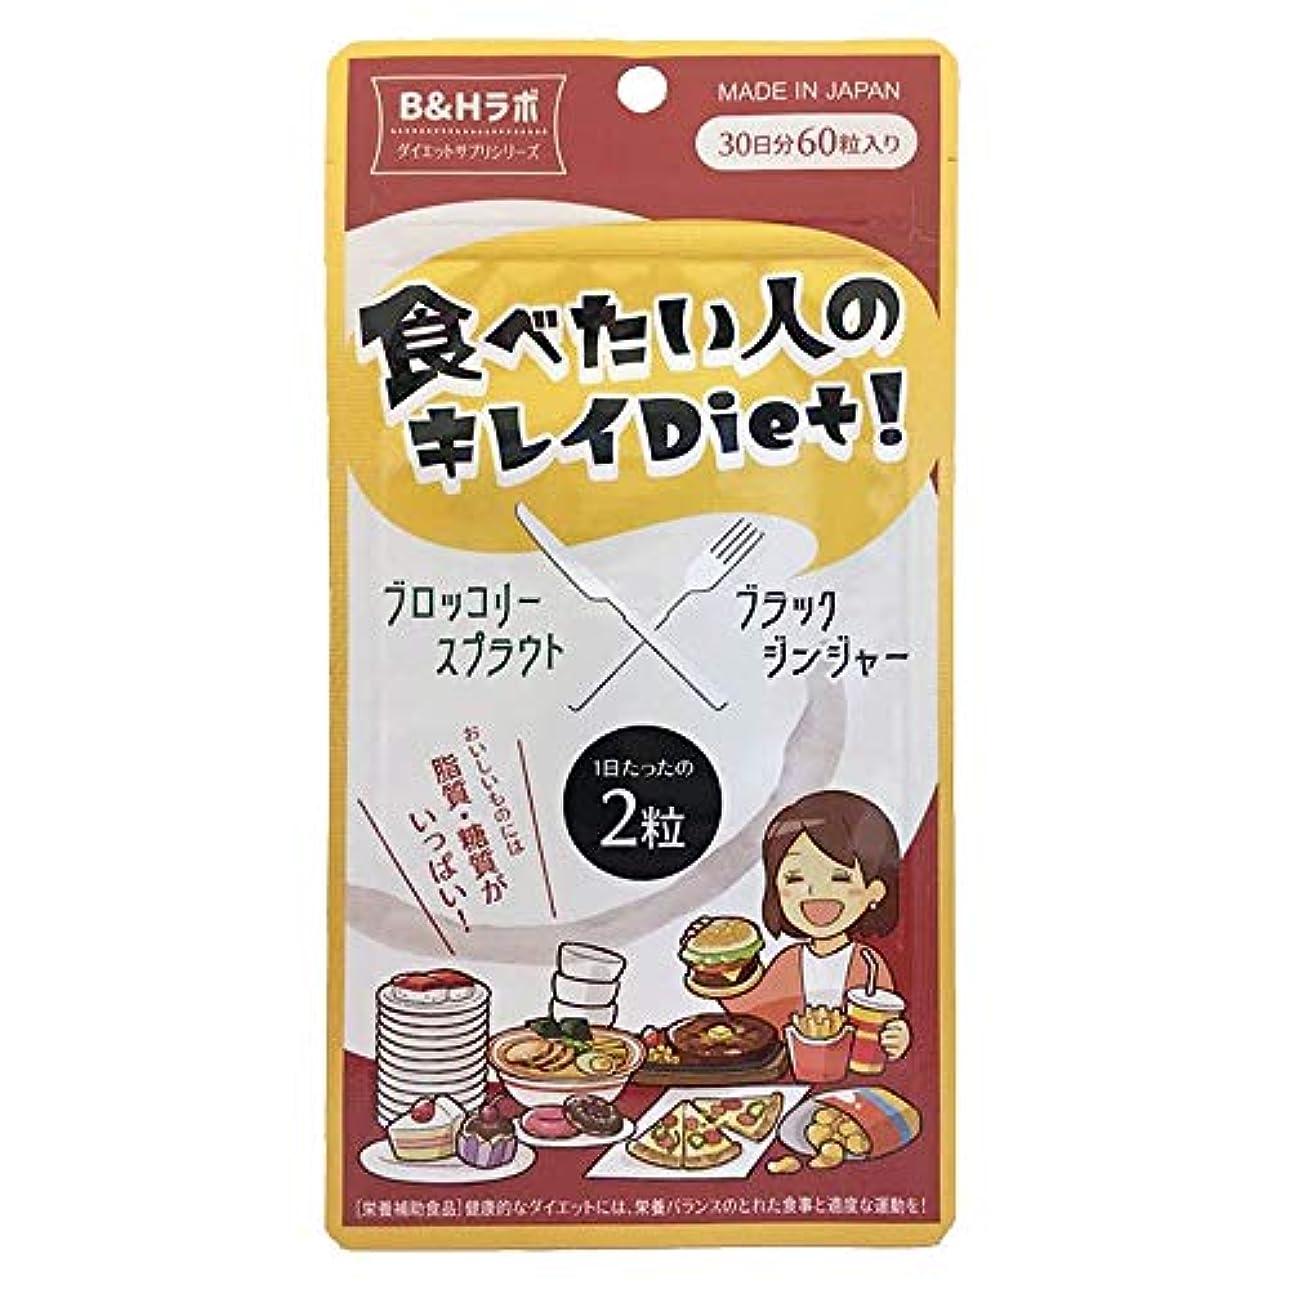 シネウィ通行人不安定食べたい人のキレイDiet! ブロッコリースプラウト×ブラックジンジャー ダイエットサプリ